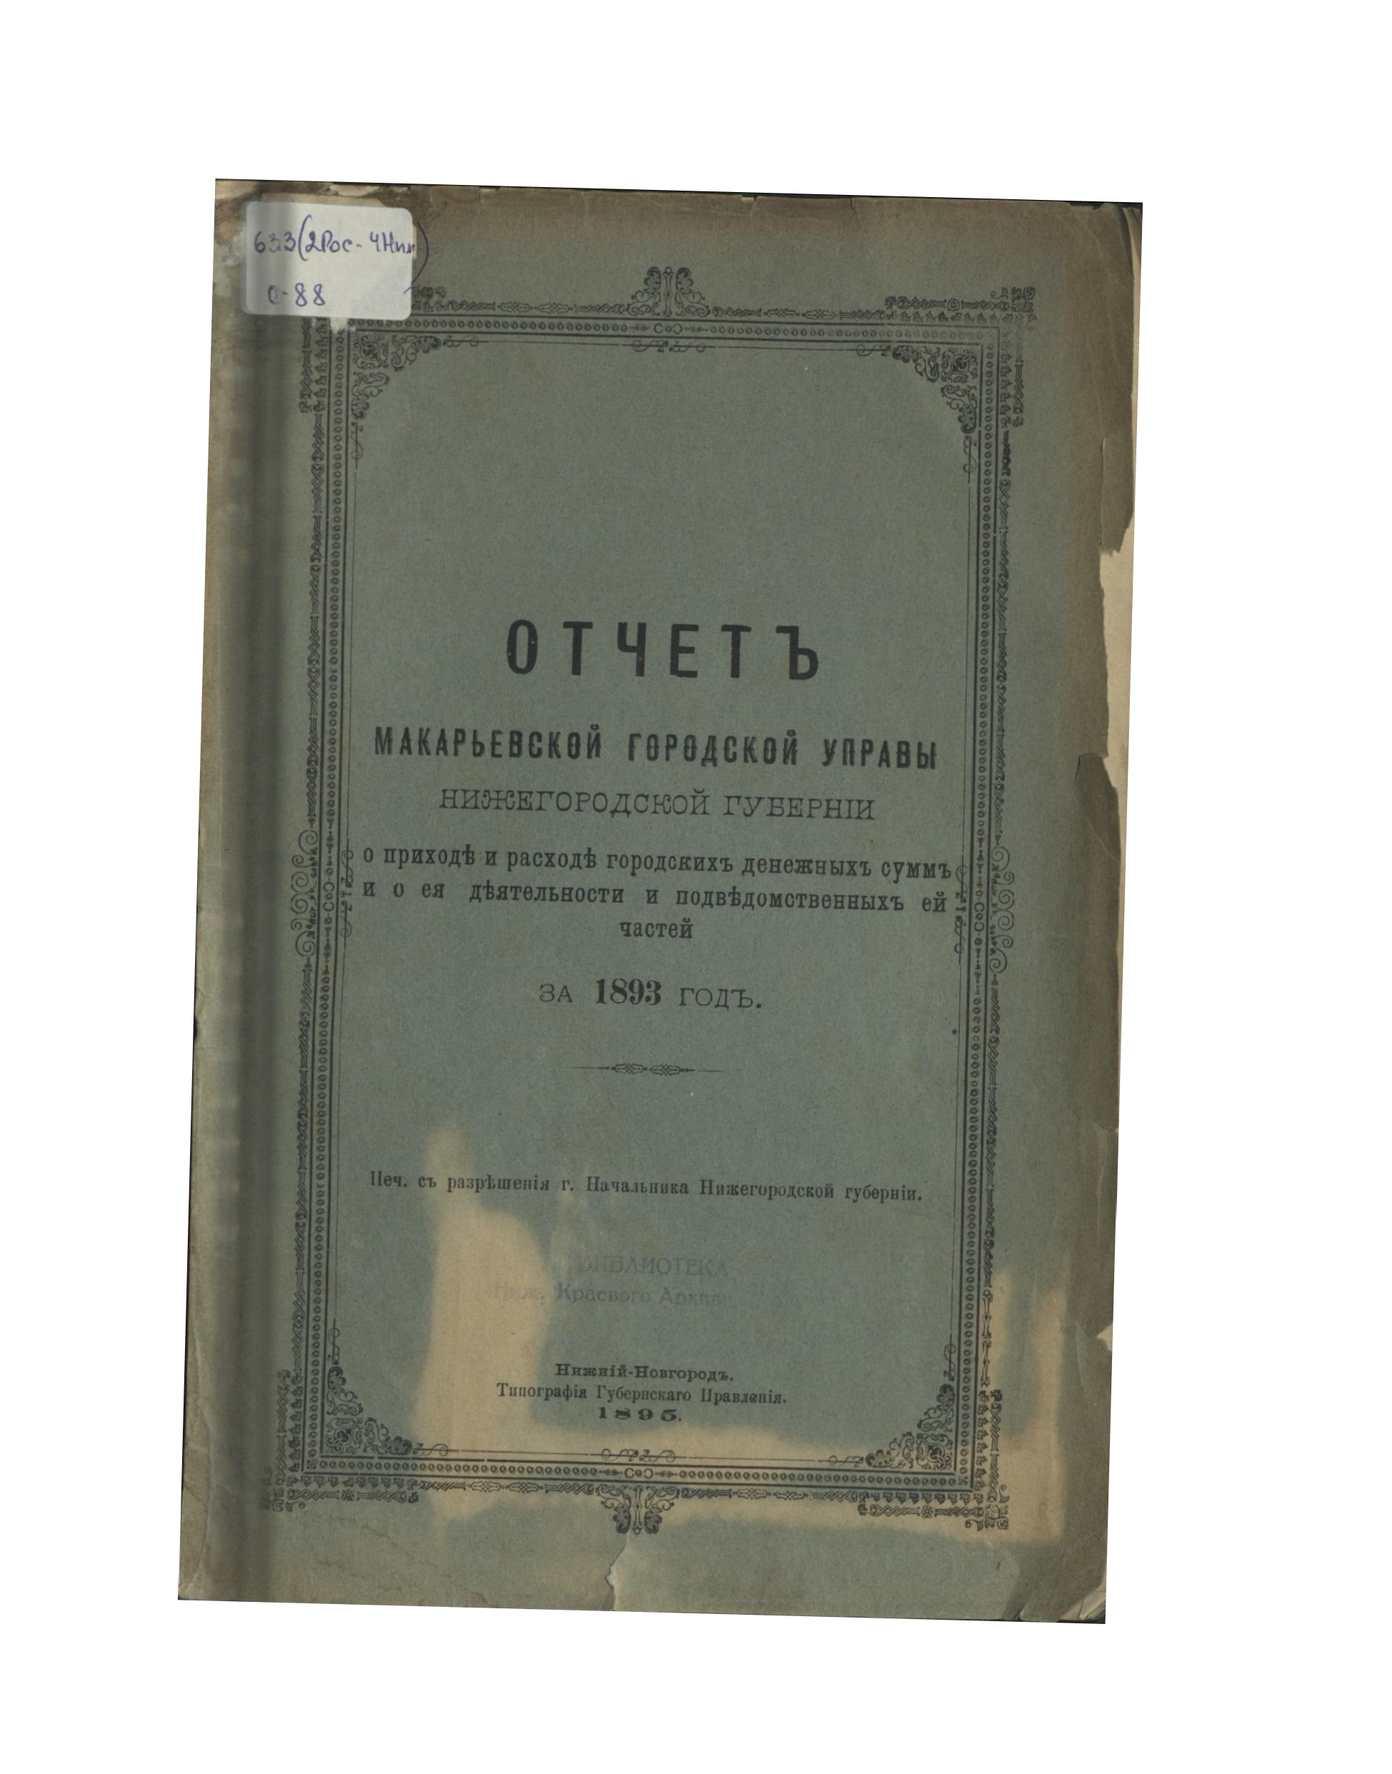 Отчет Макарьевской городской управы  Нижегородской губернии